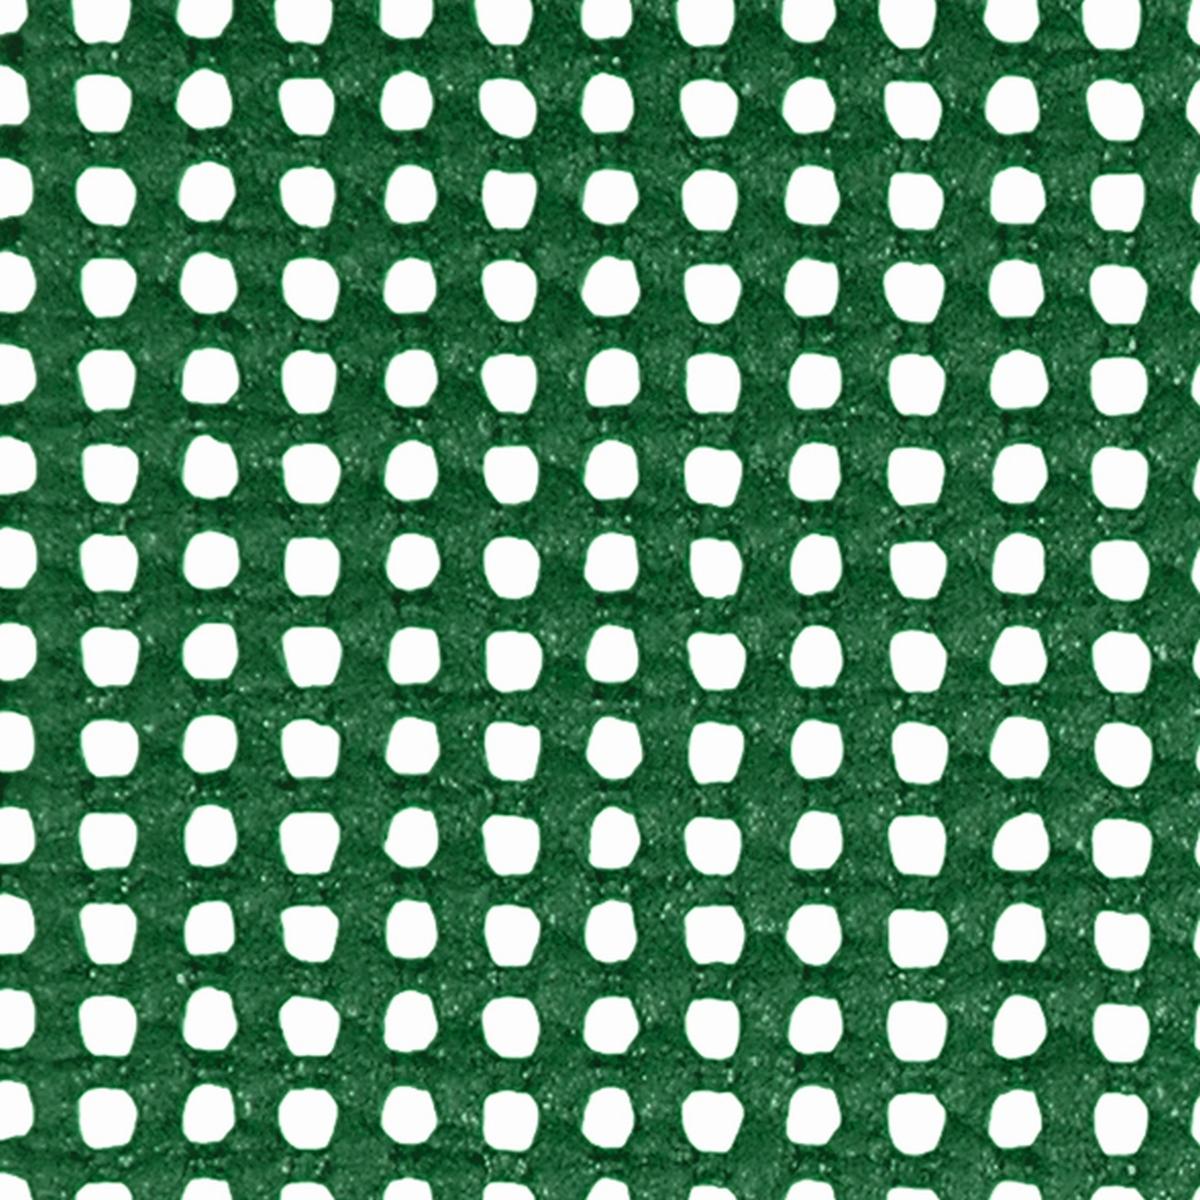 Zeltteppich SOFTTEX grün 250x300 cm